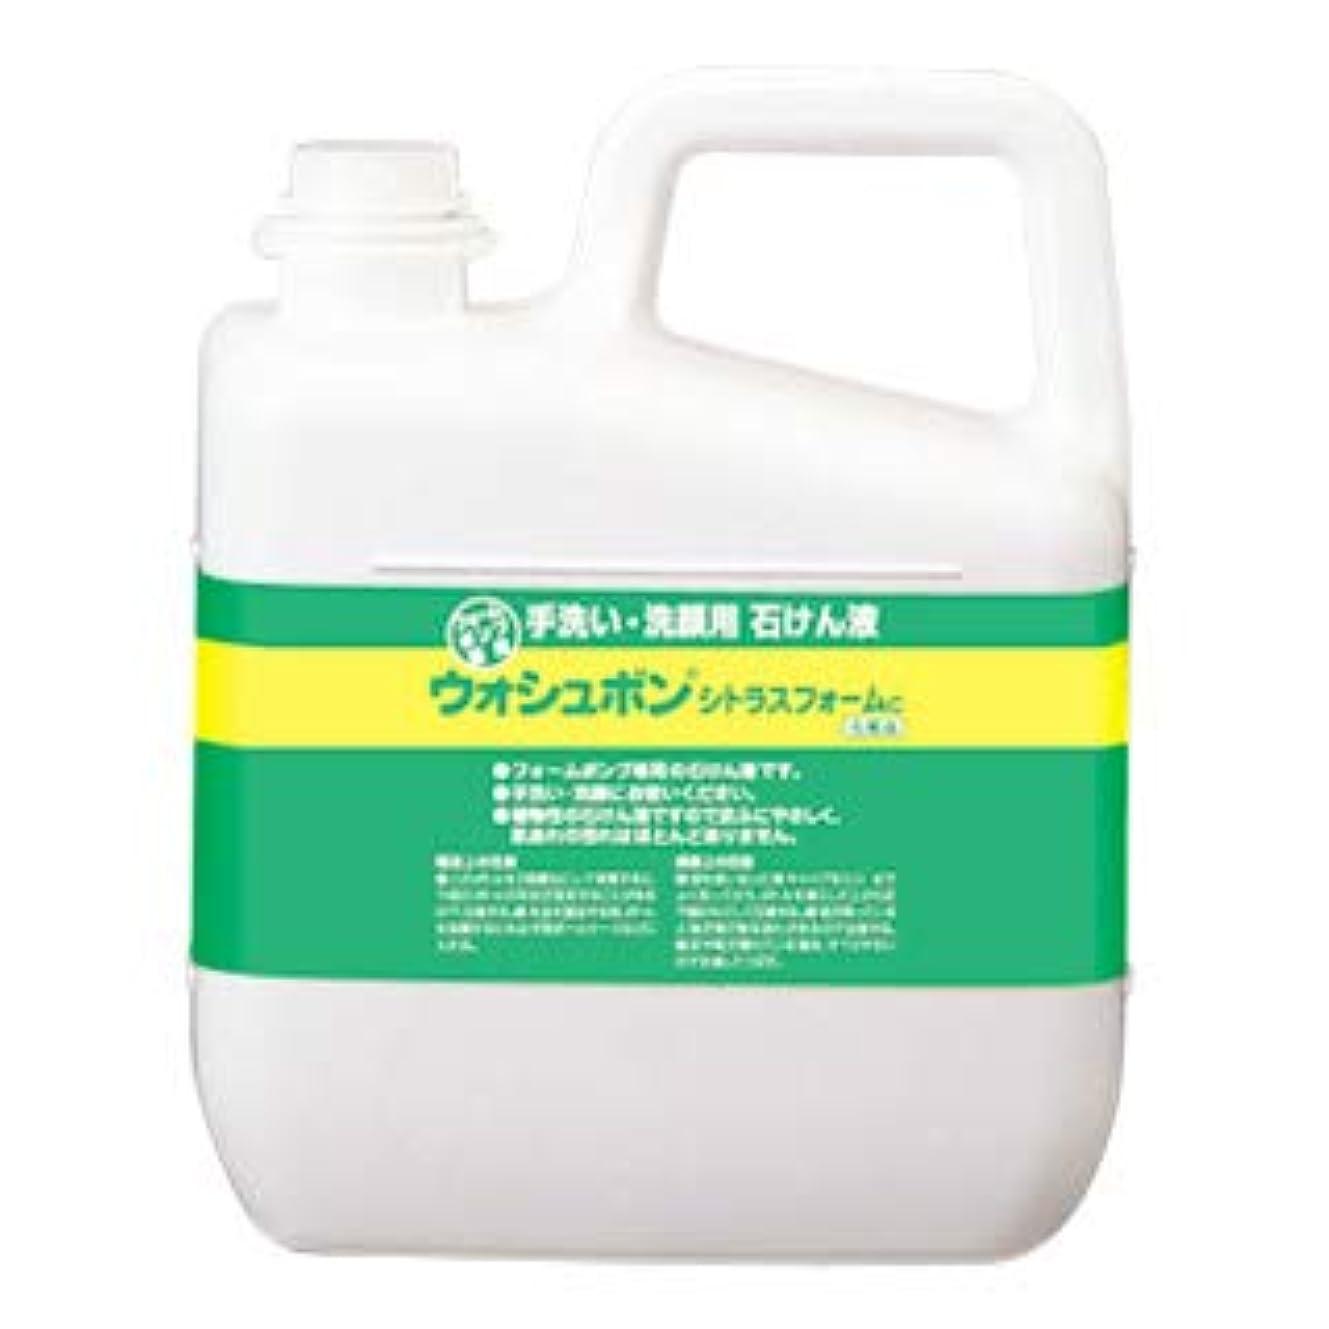 サラヤ ウォシュボン 手洗い用石けん液 ウォシュボンシトラスフォームC 5kg